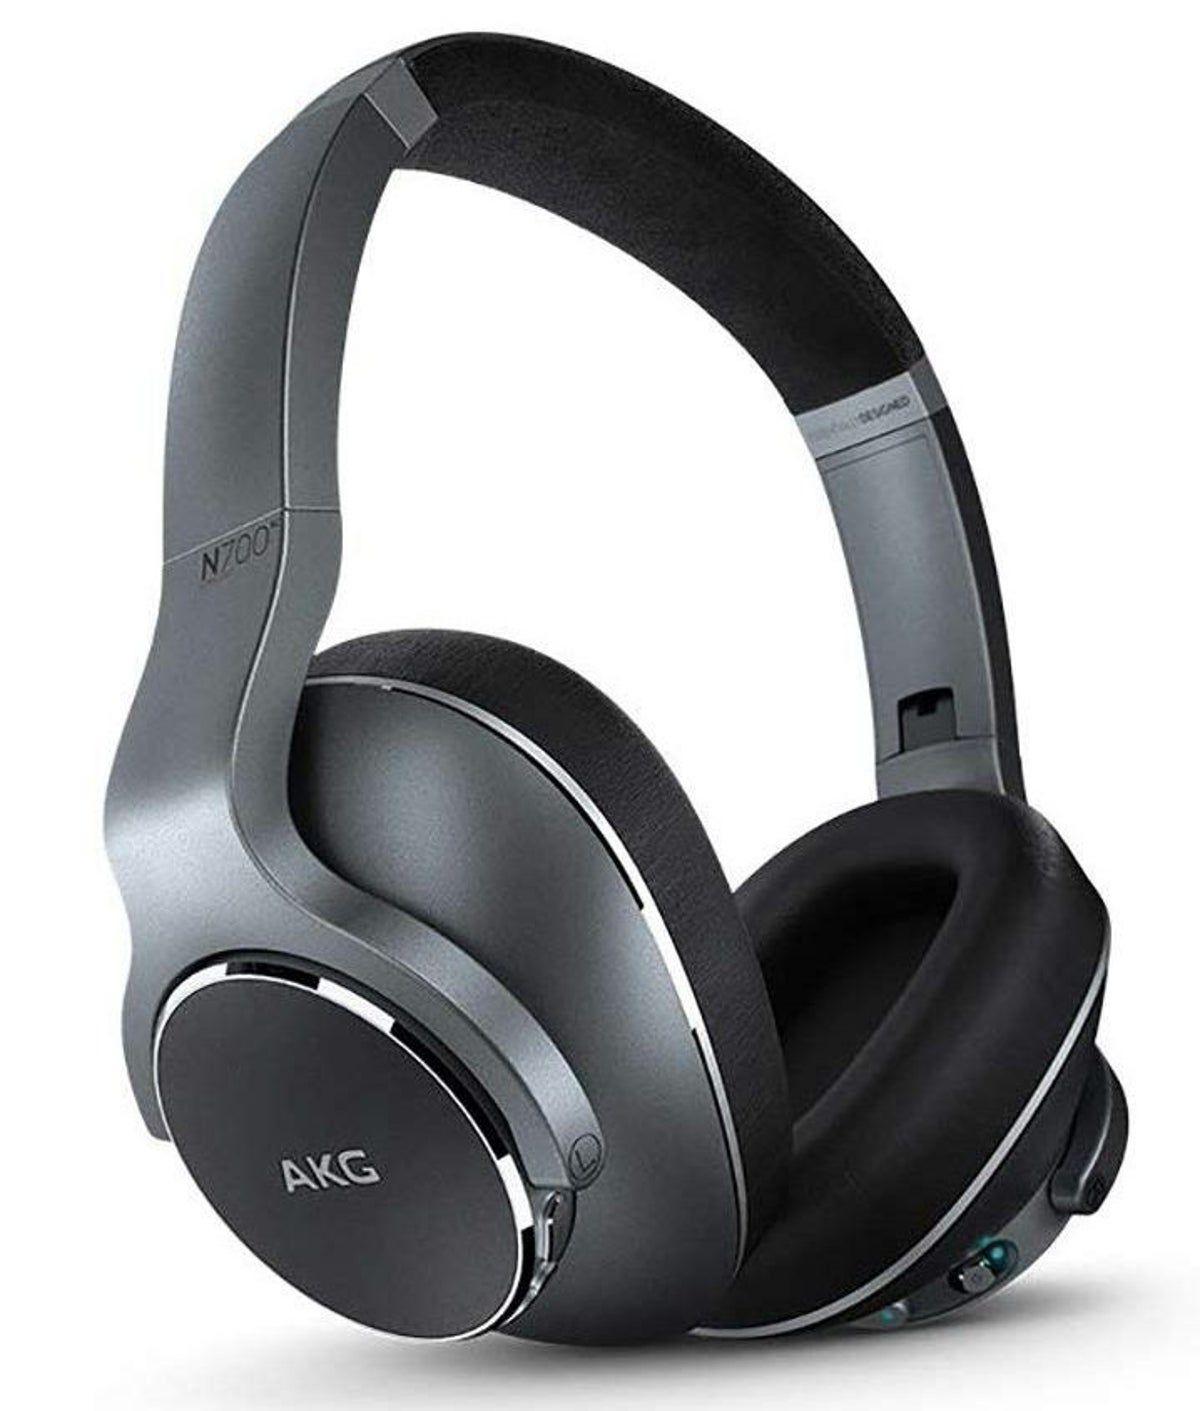 AKG N700NC OverEar Wireless Headphones, in 2020 Akg